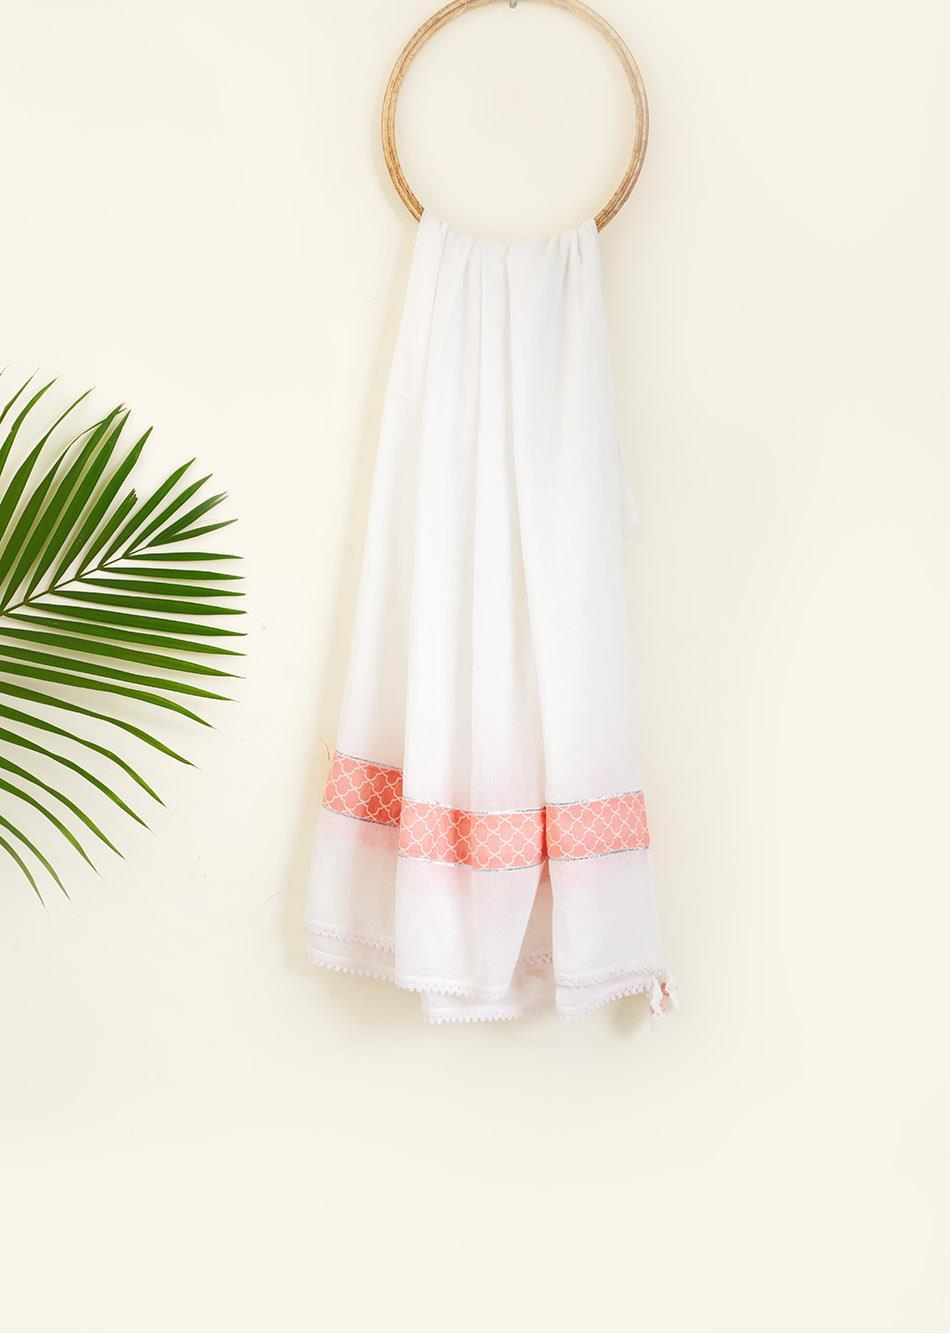 Saraswati Dupatta By Jovi Fashion